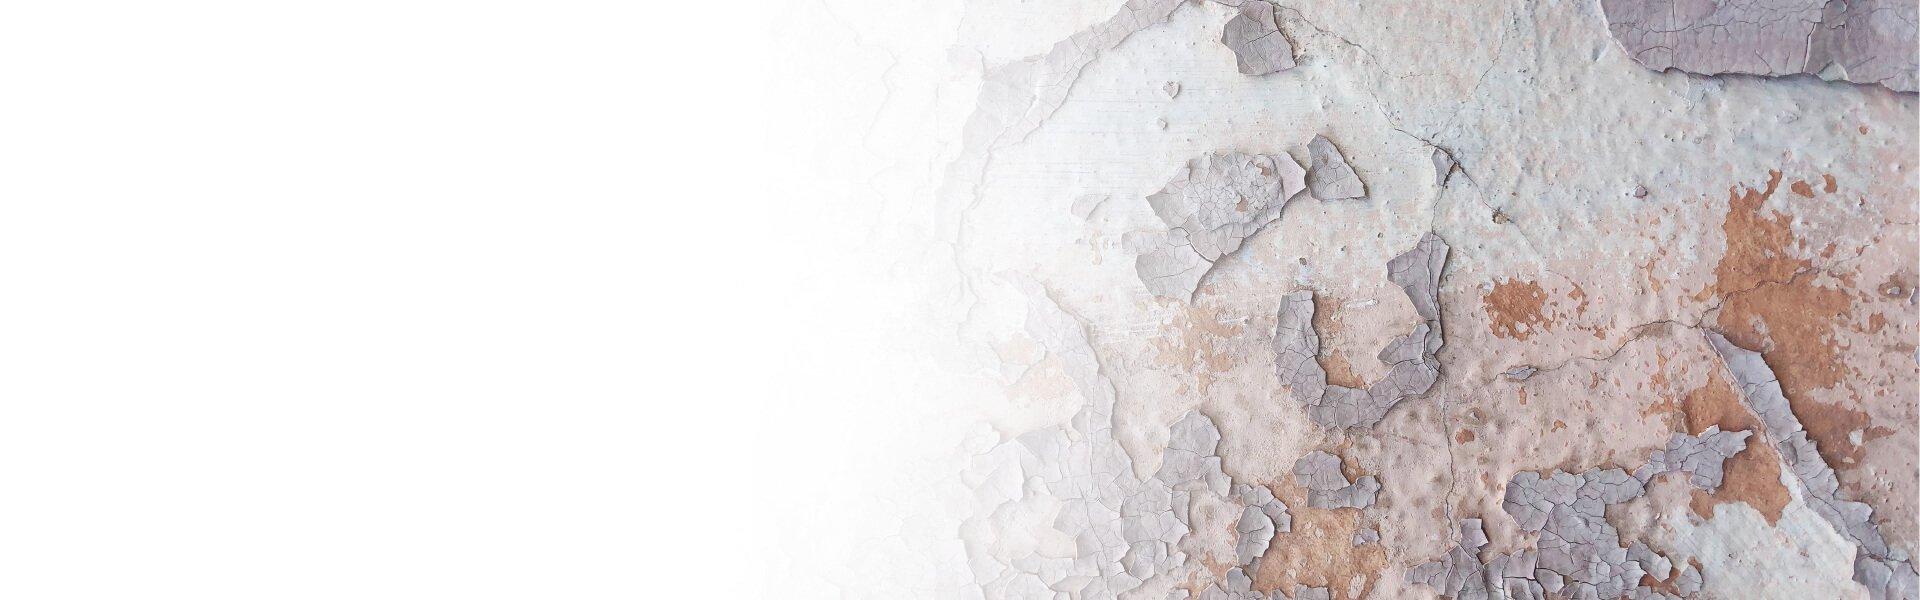 Foto de una pared con desconchados y humedad